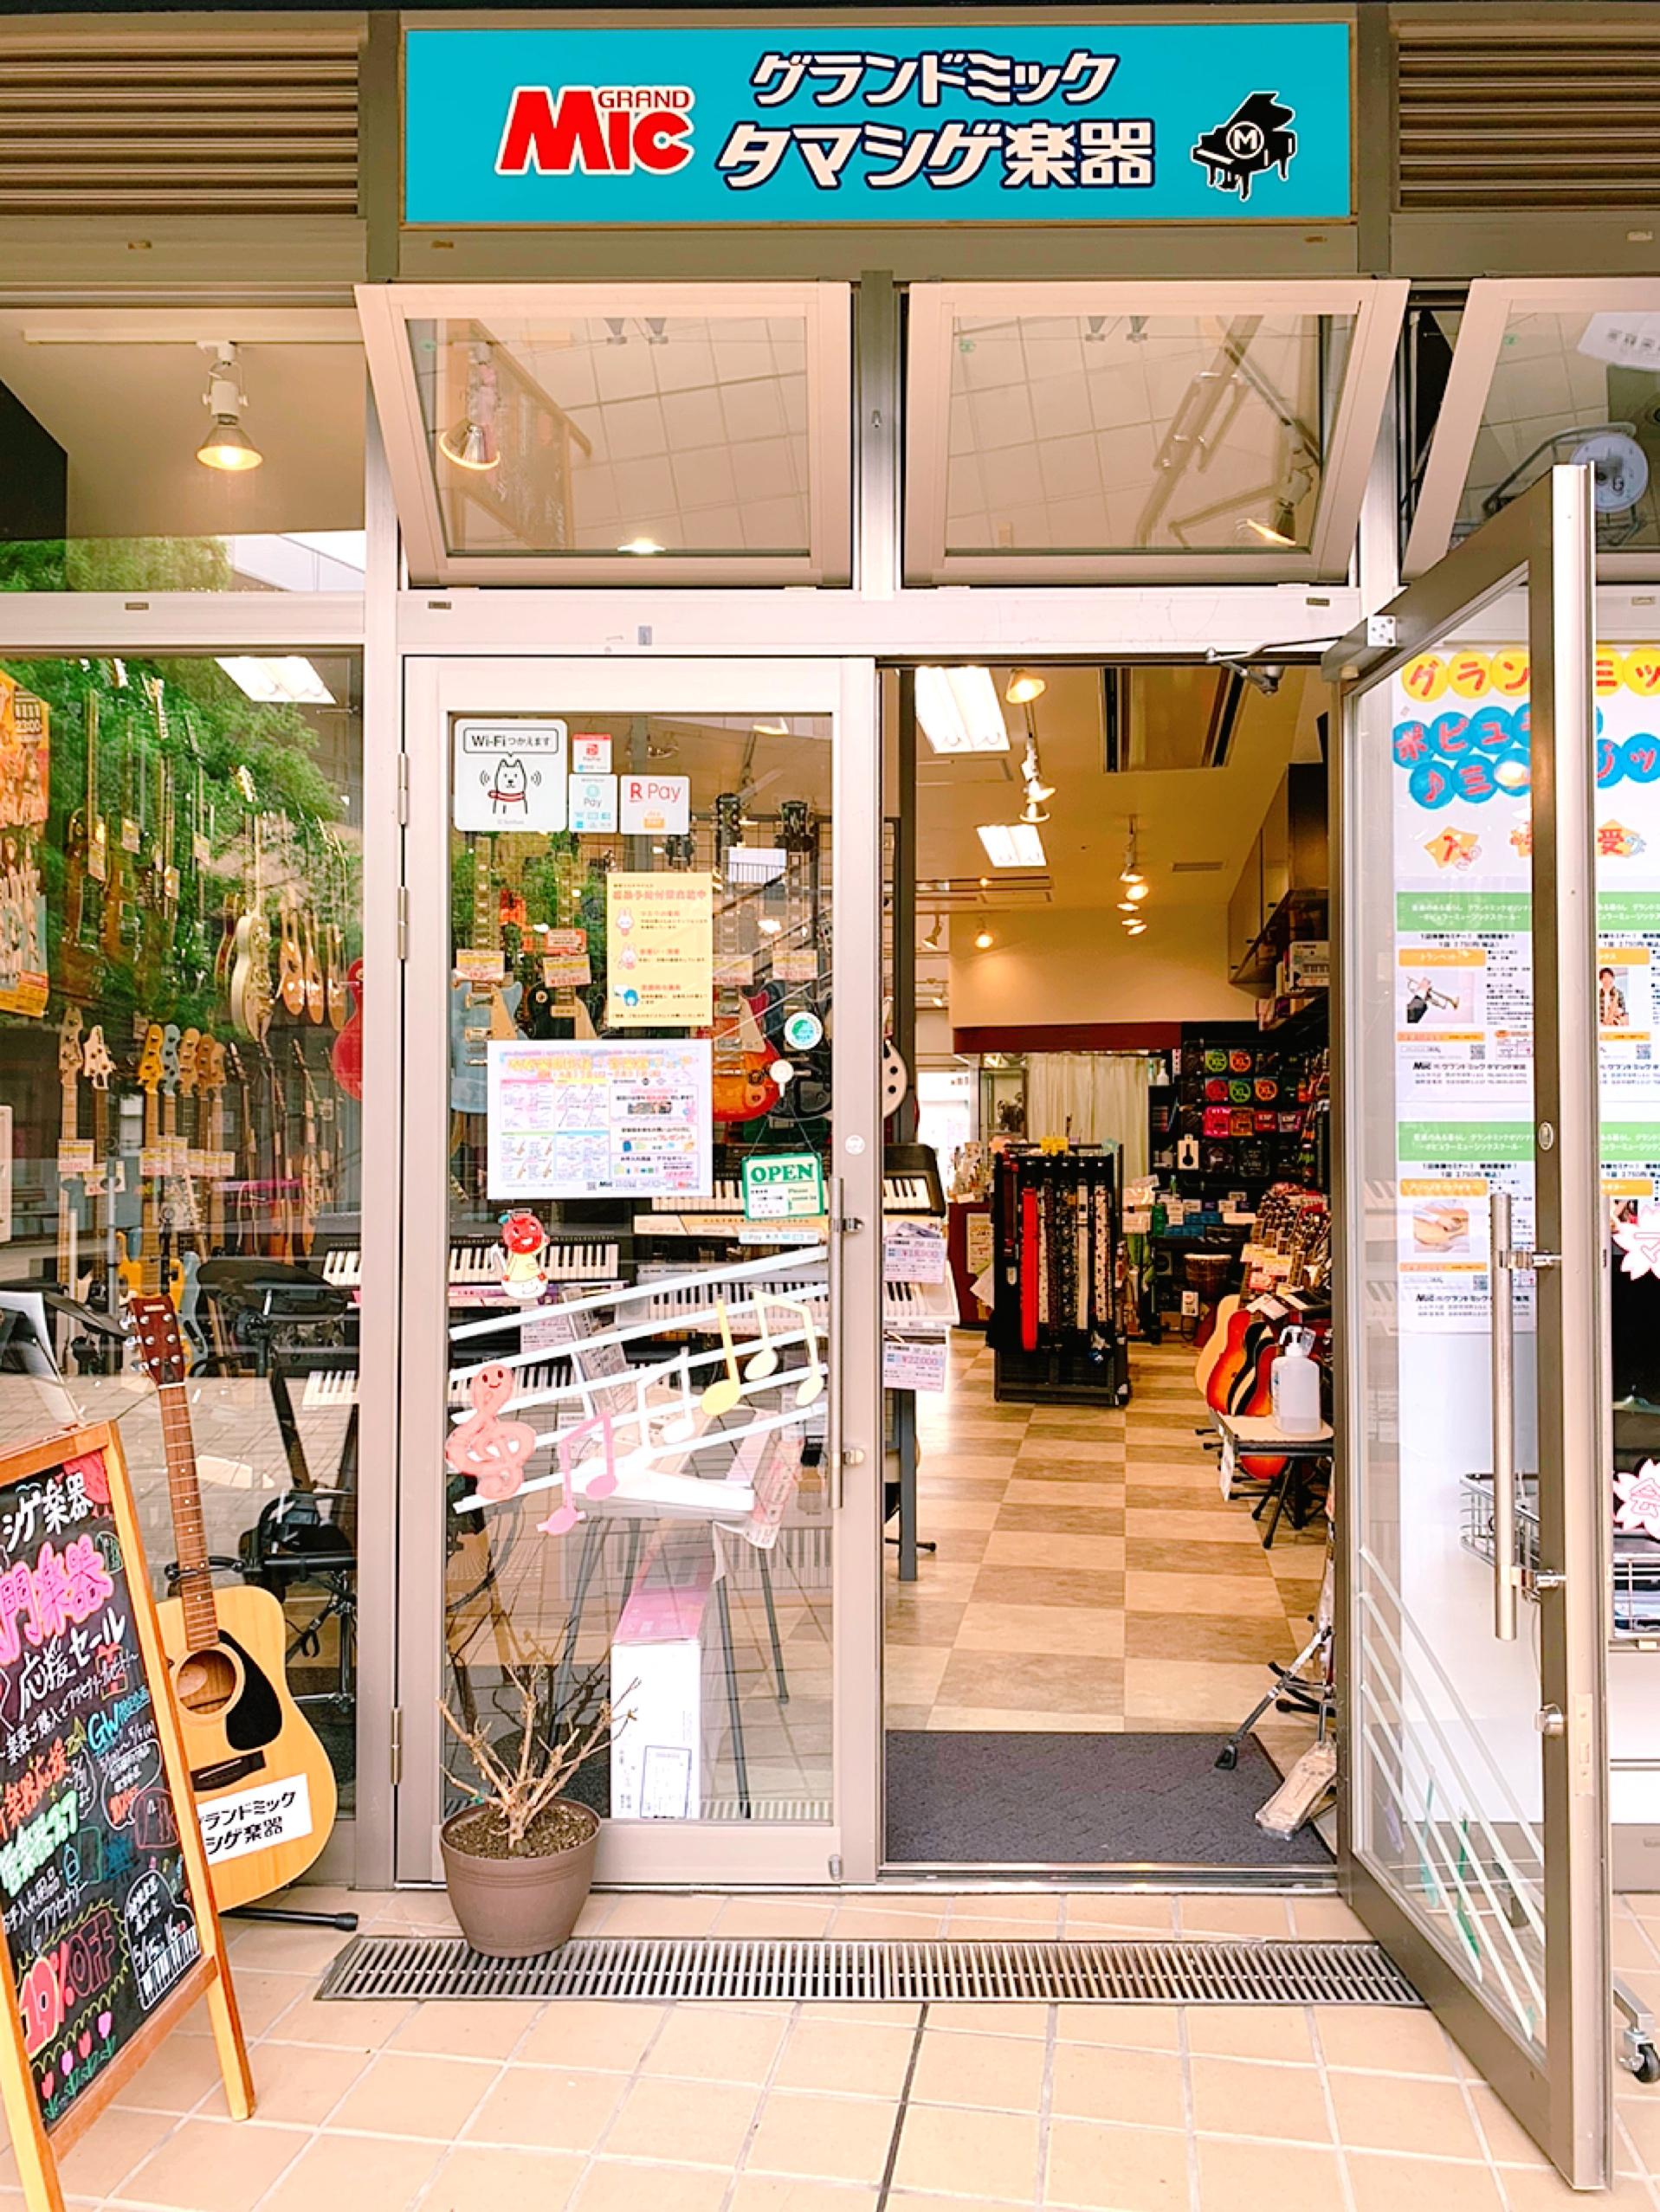 🎵防府市内唯一の総合楽器店🎵